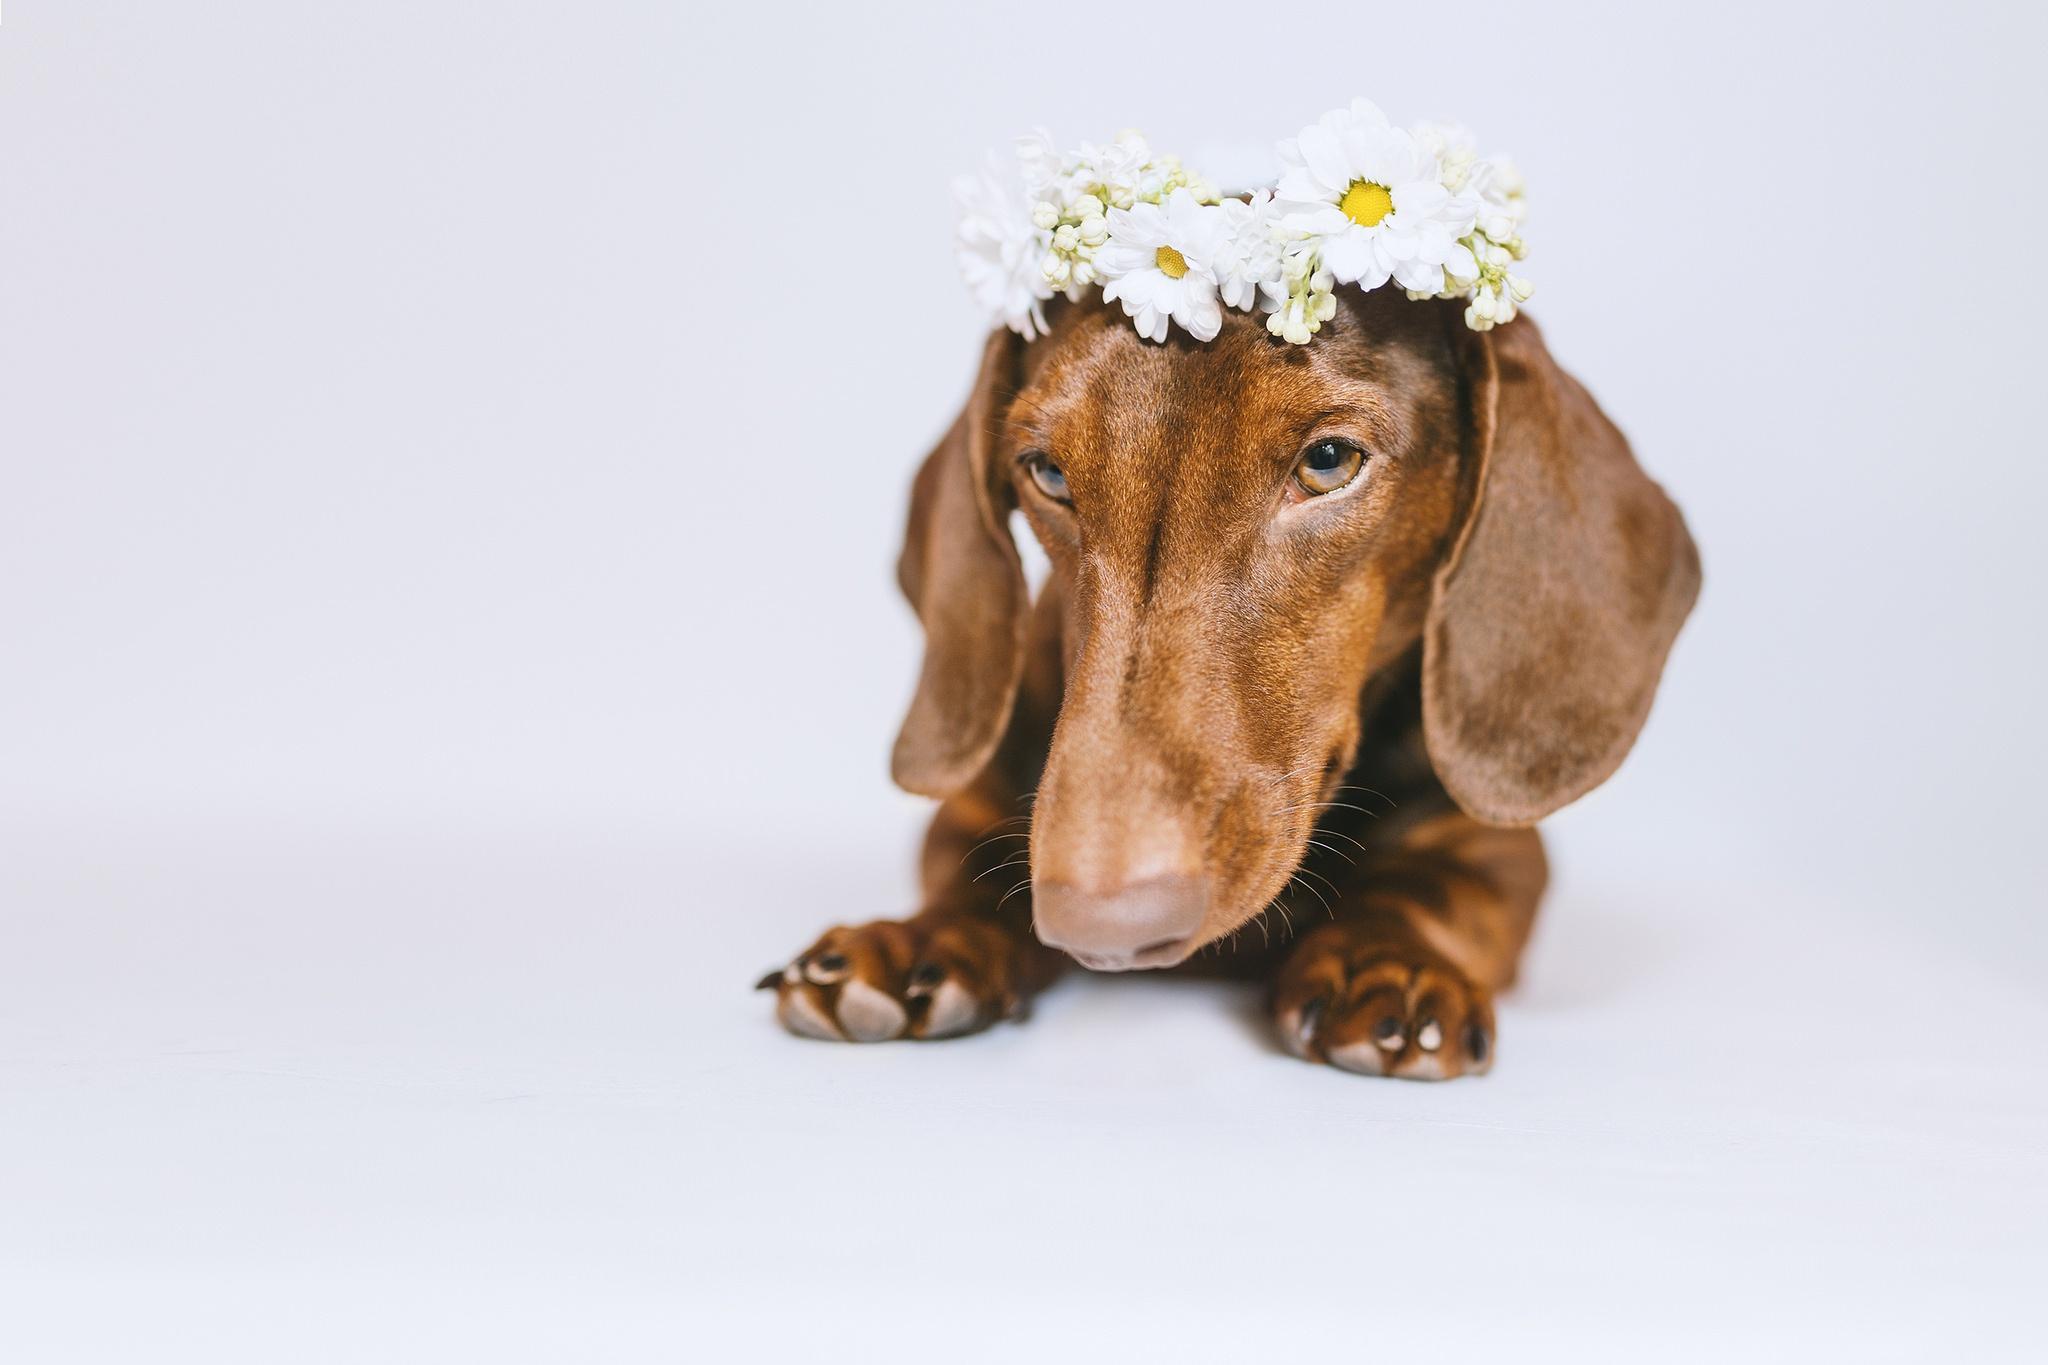 Картинки Такса собака Венок лап Животные Серый фон таксы Собаки венком Лапы животное сером фоне